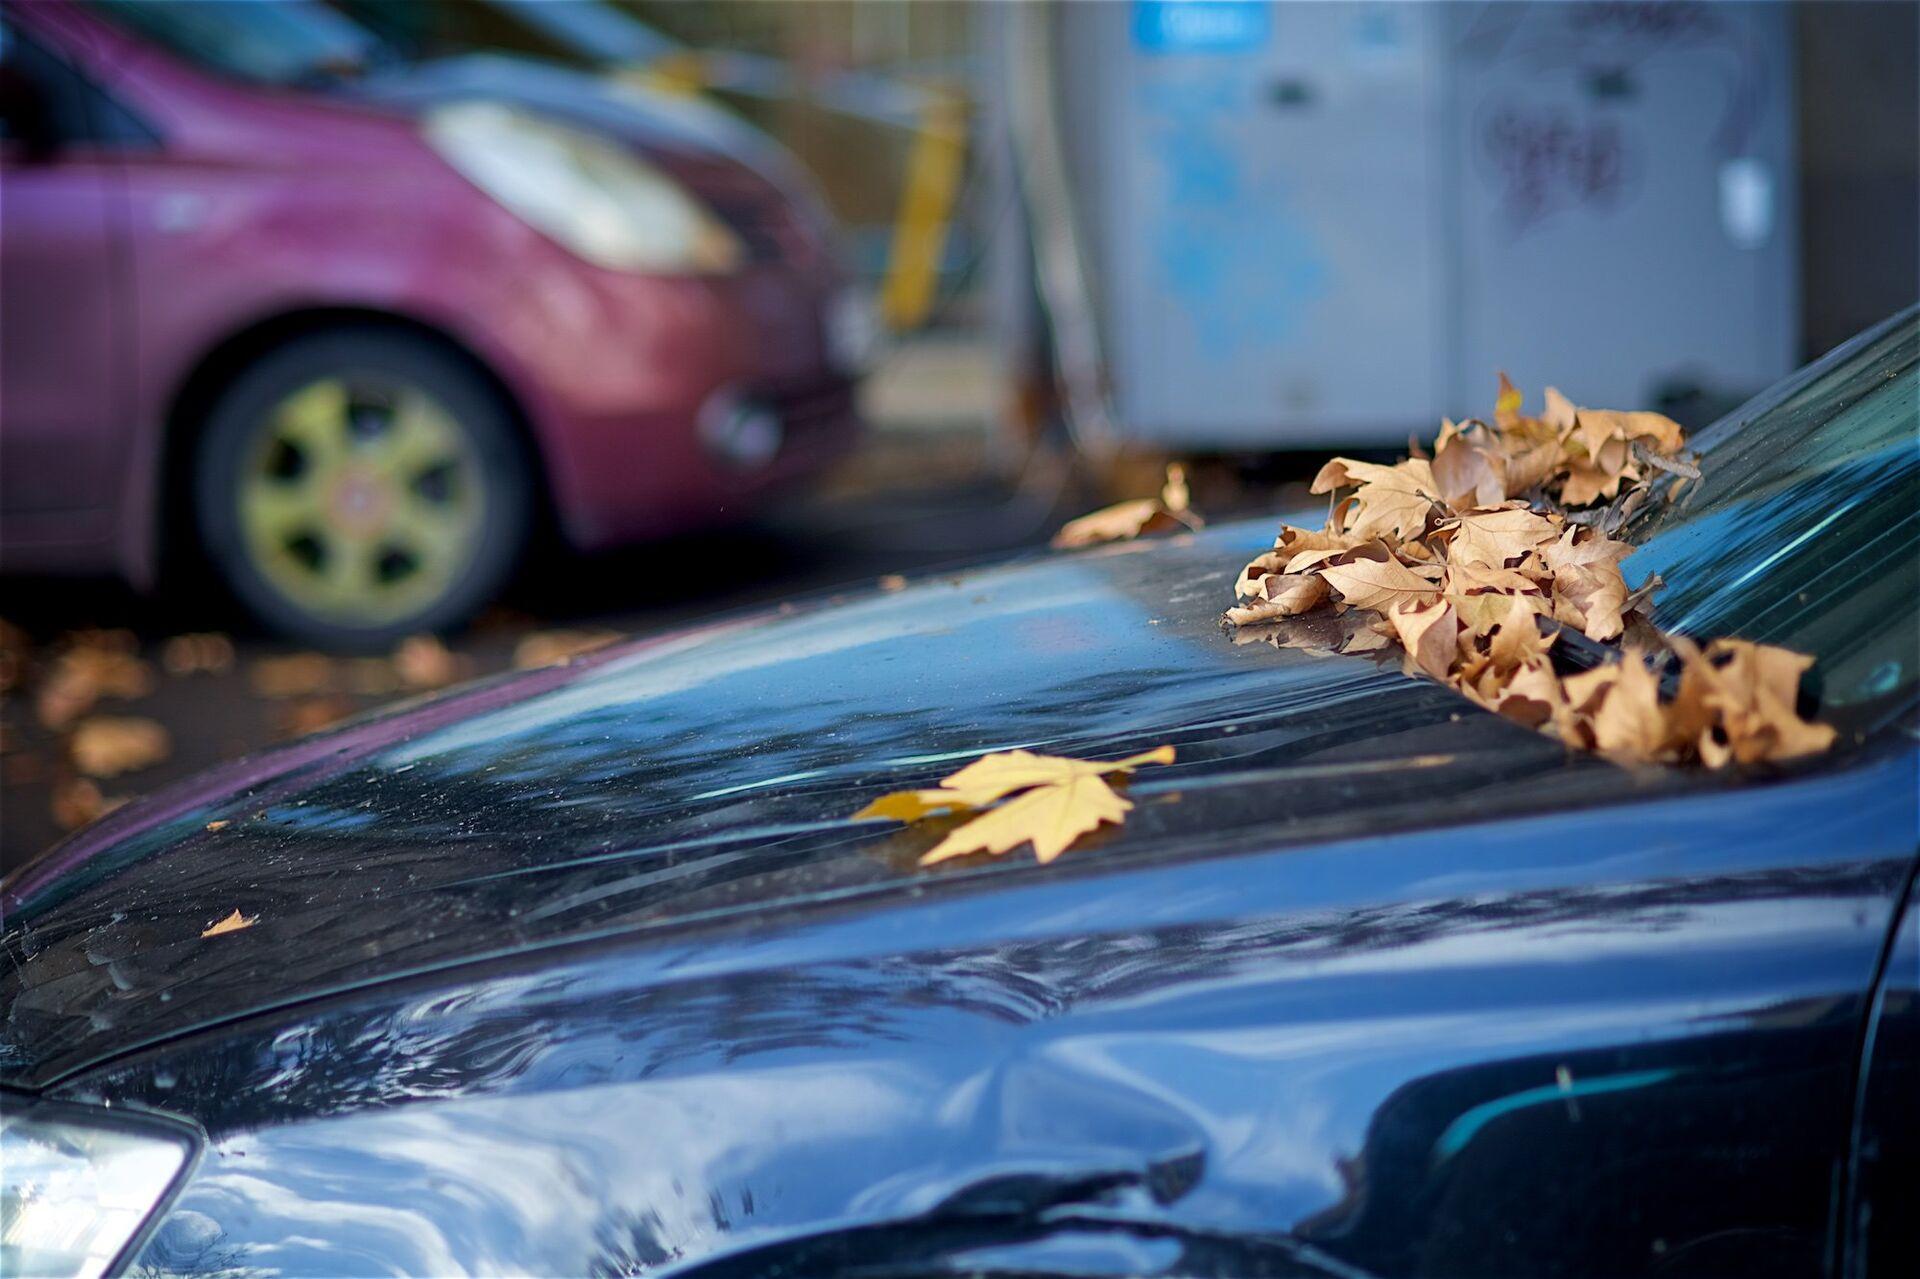 Опавшие листья на капоте машины - Sputnik Грузия, 1920, 22.09.2021